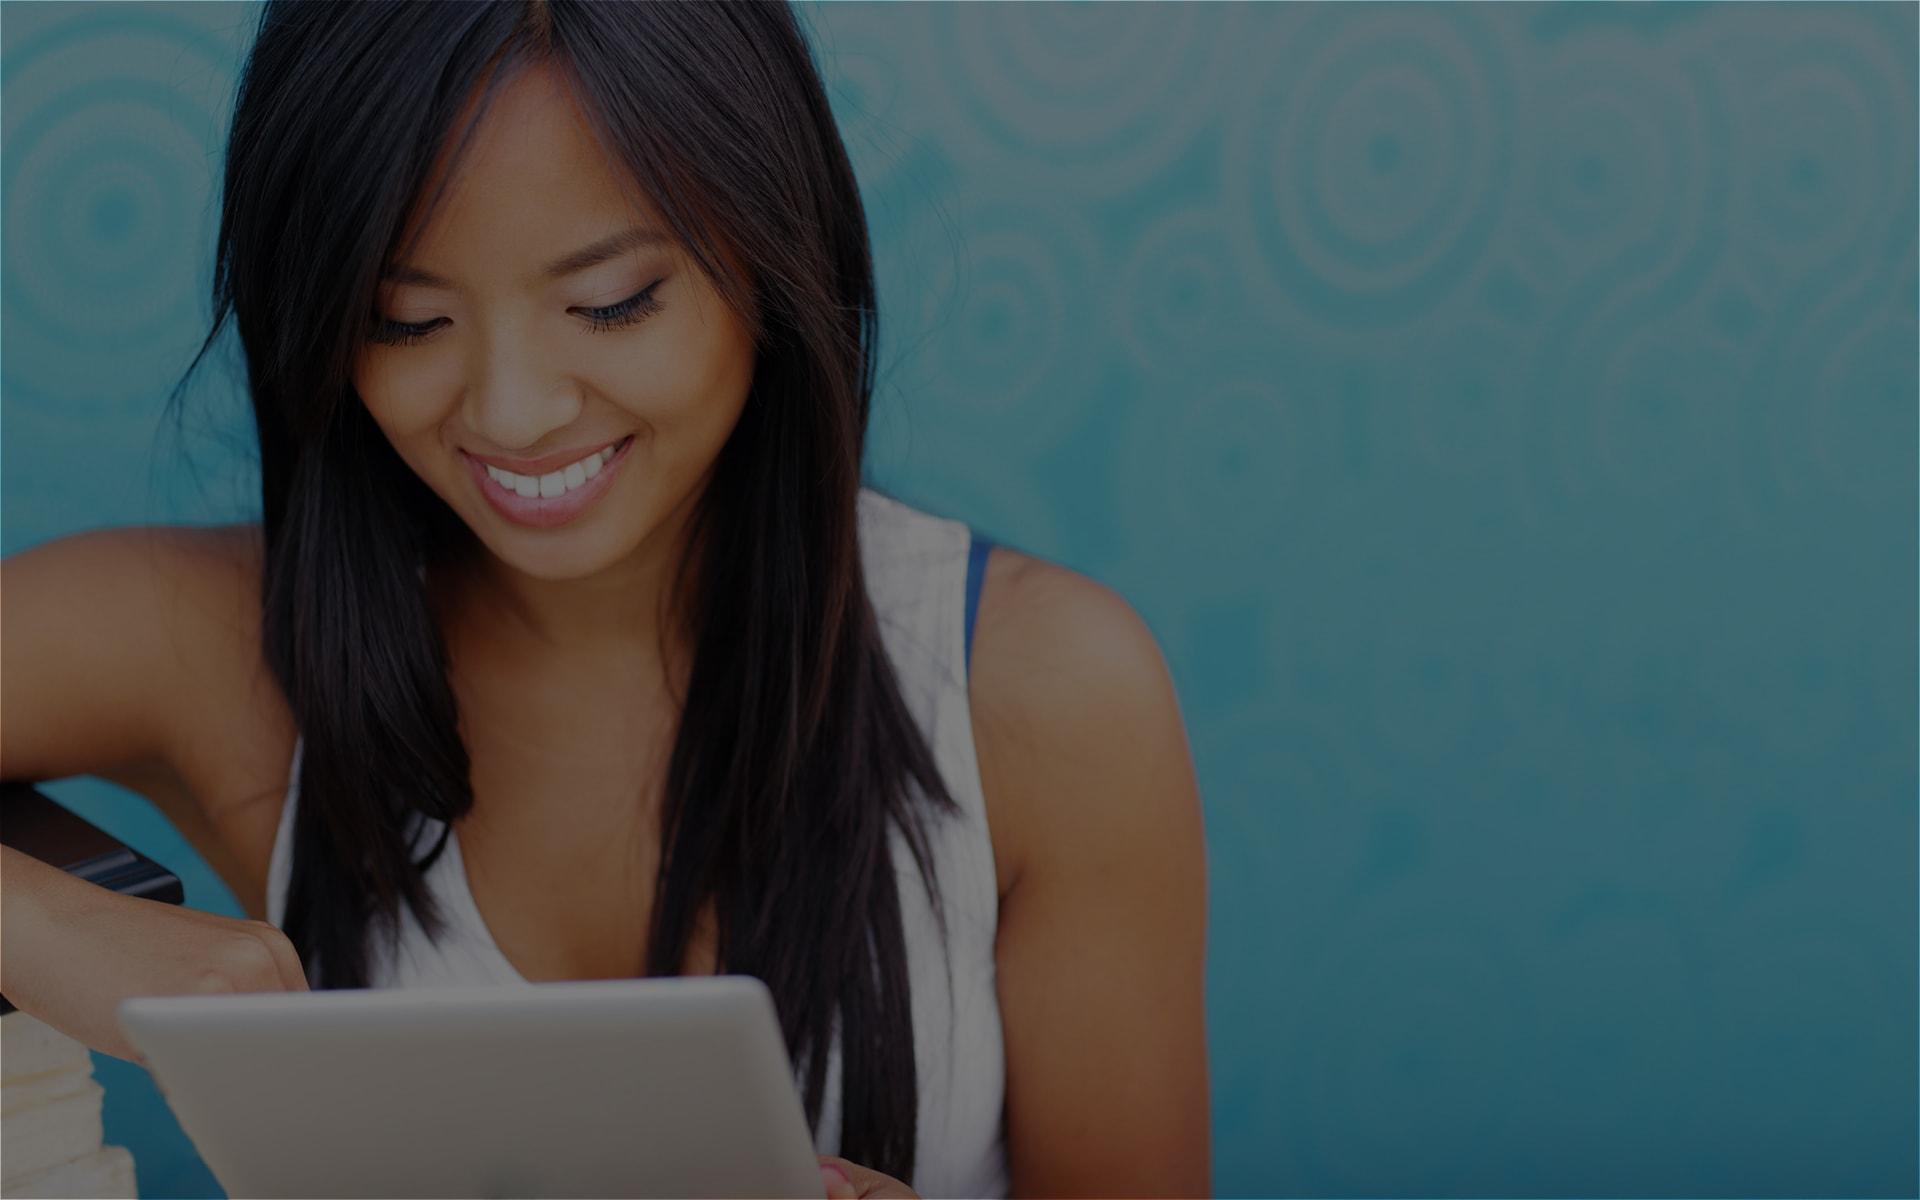 Image of woman looking at an iPad